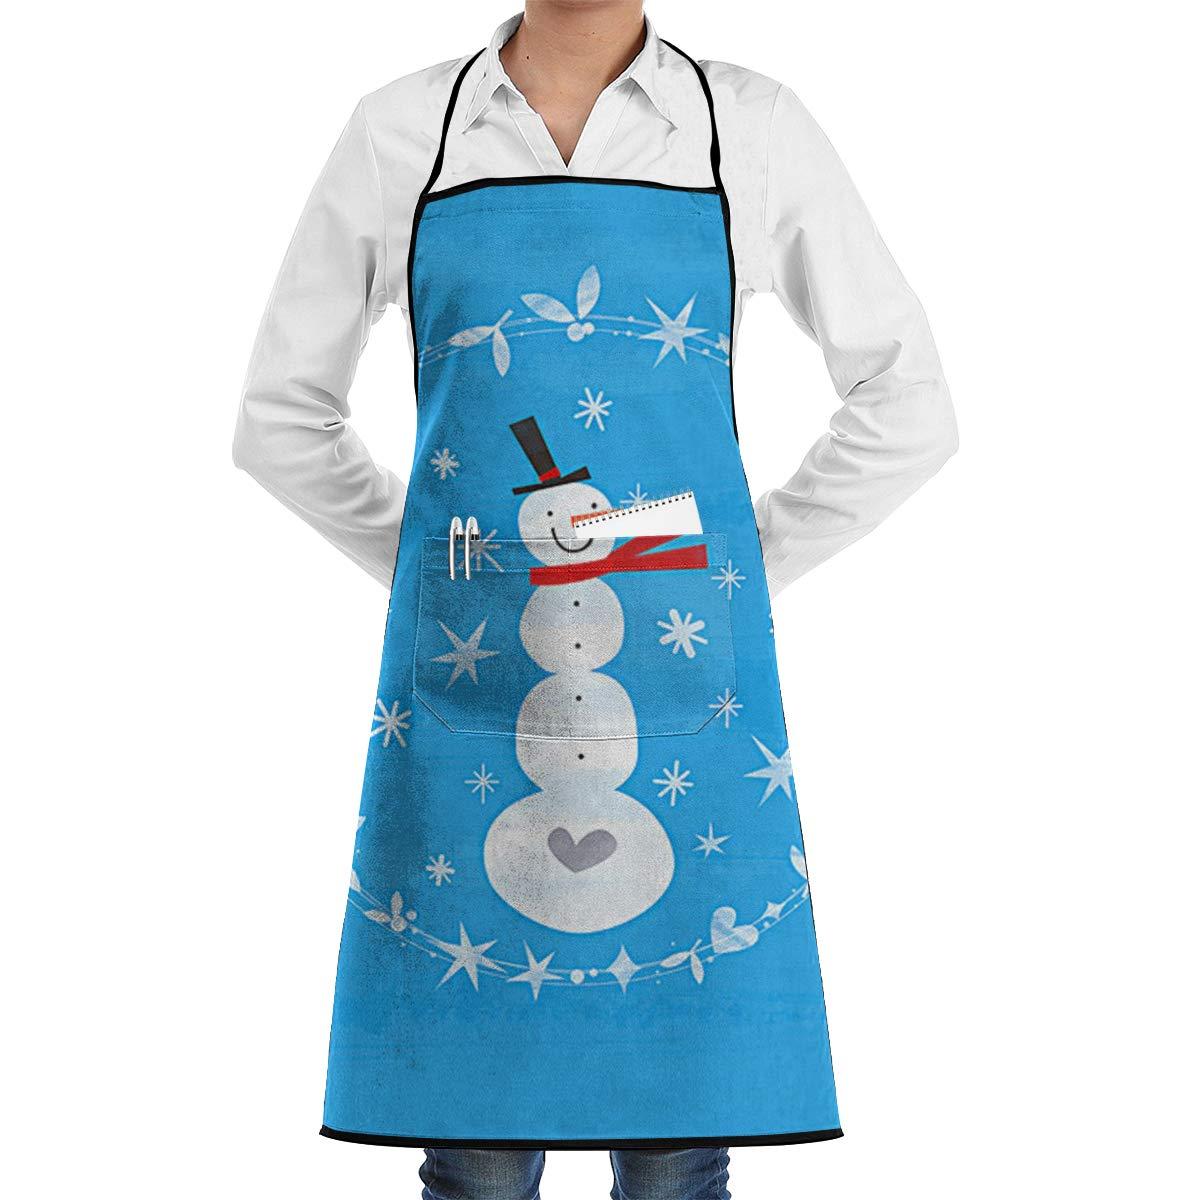 Henhao5 冬用 クリスマス 雪だるま エプロン ポケット付き 防水 調節可能 キッチンエプロン 食洗 グルーミング シェフエプロン   B07KP9W1R9